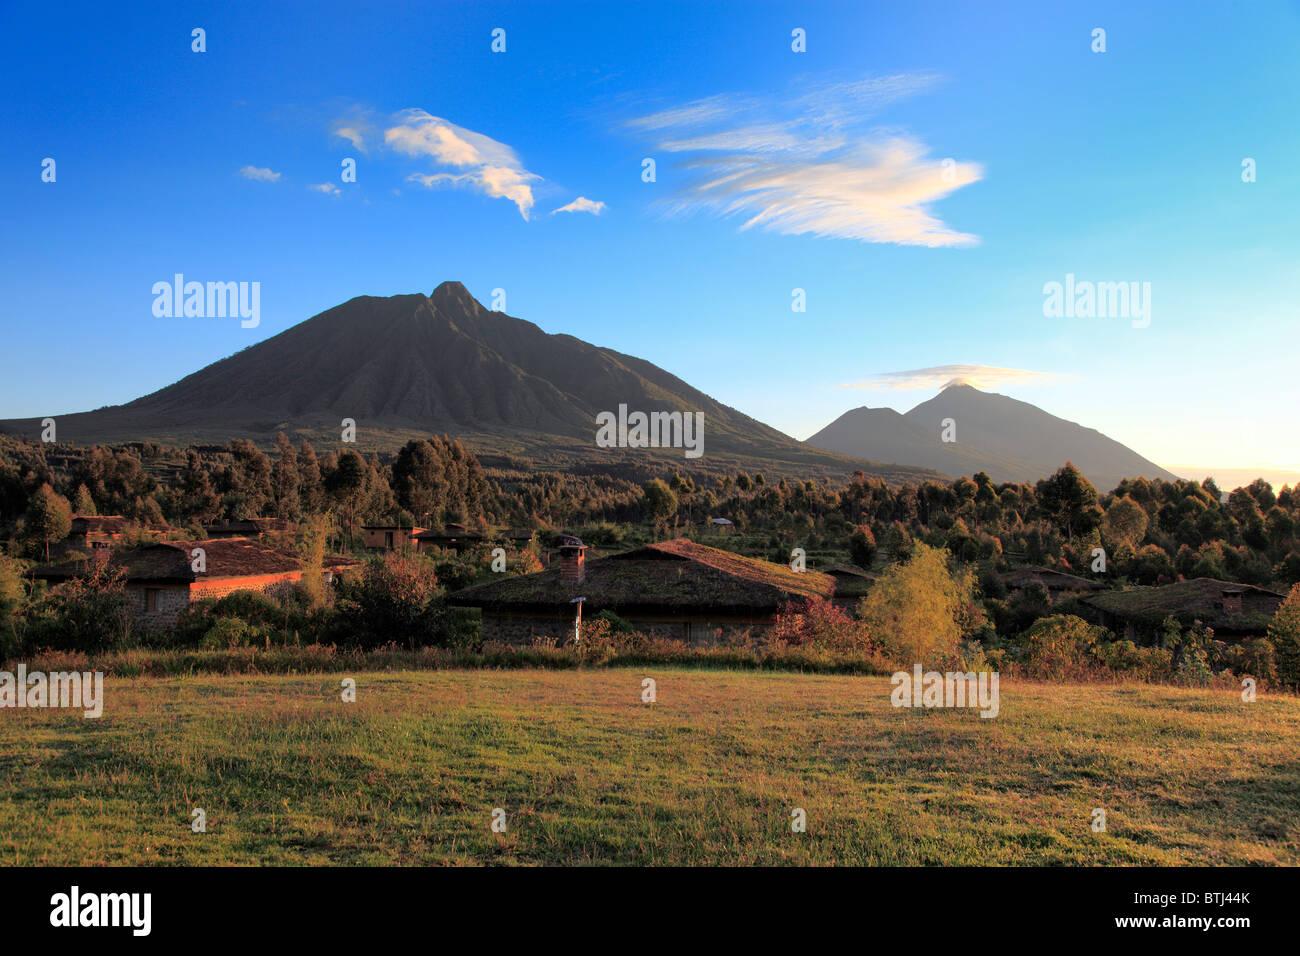 Virunga Mountains, Volcano, Rwanda - Stock Image